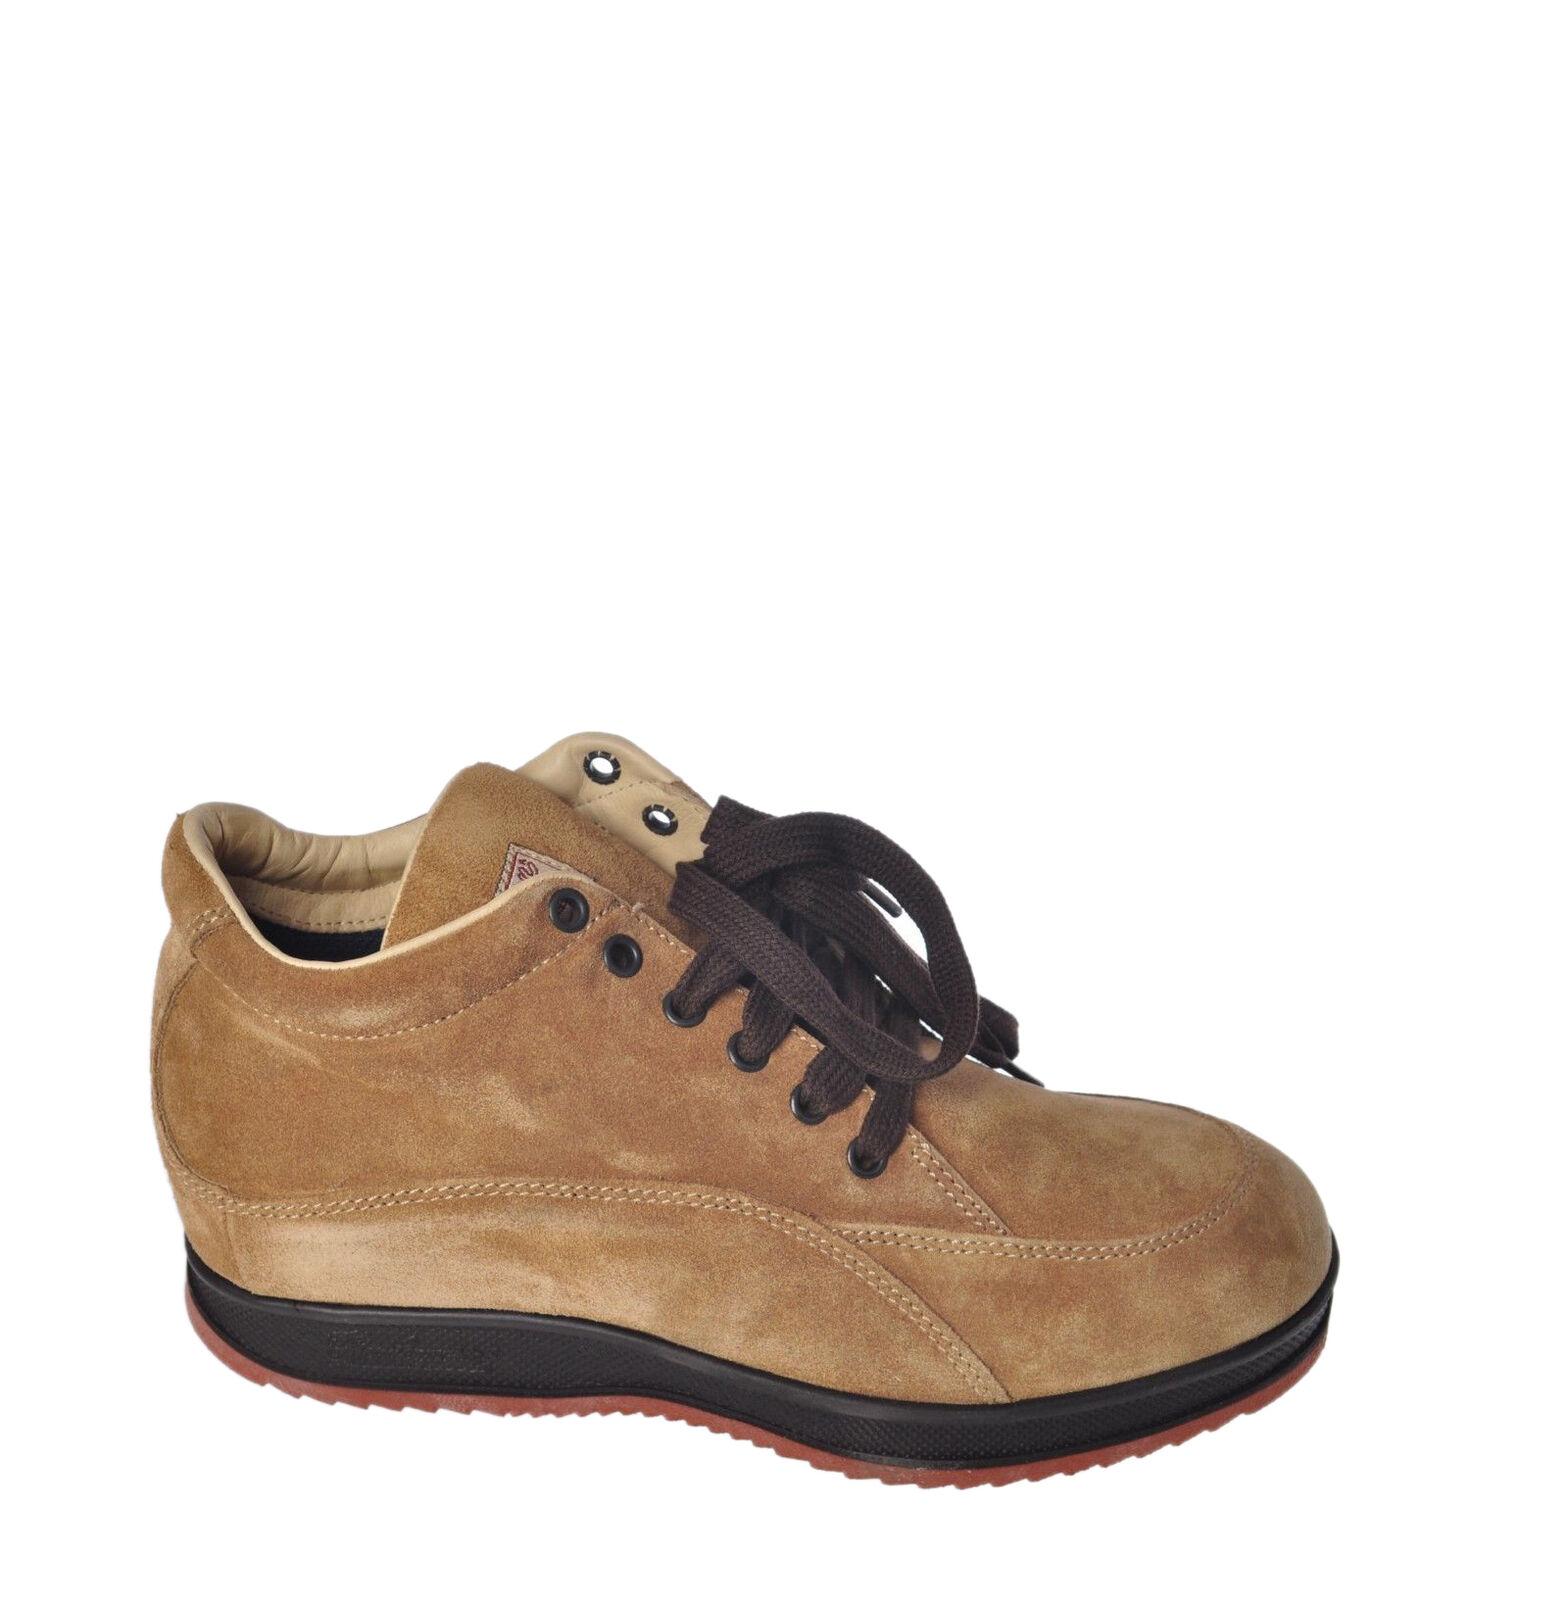 Barleycorn-Zapatos-Tenis-Mujer - marrón marrón marrón - 5146720C183905  moda